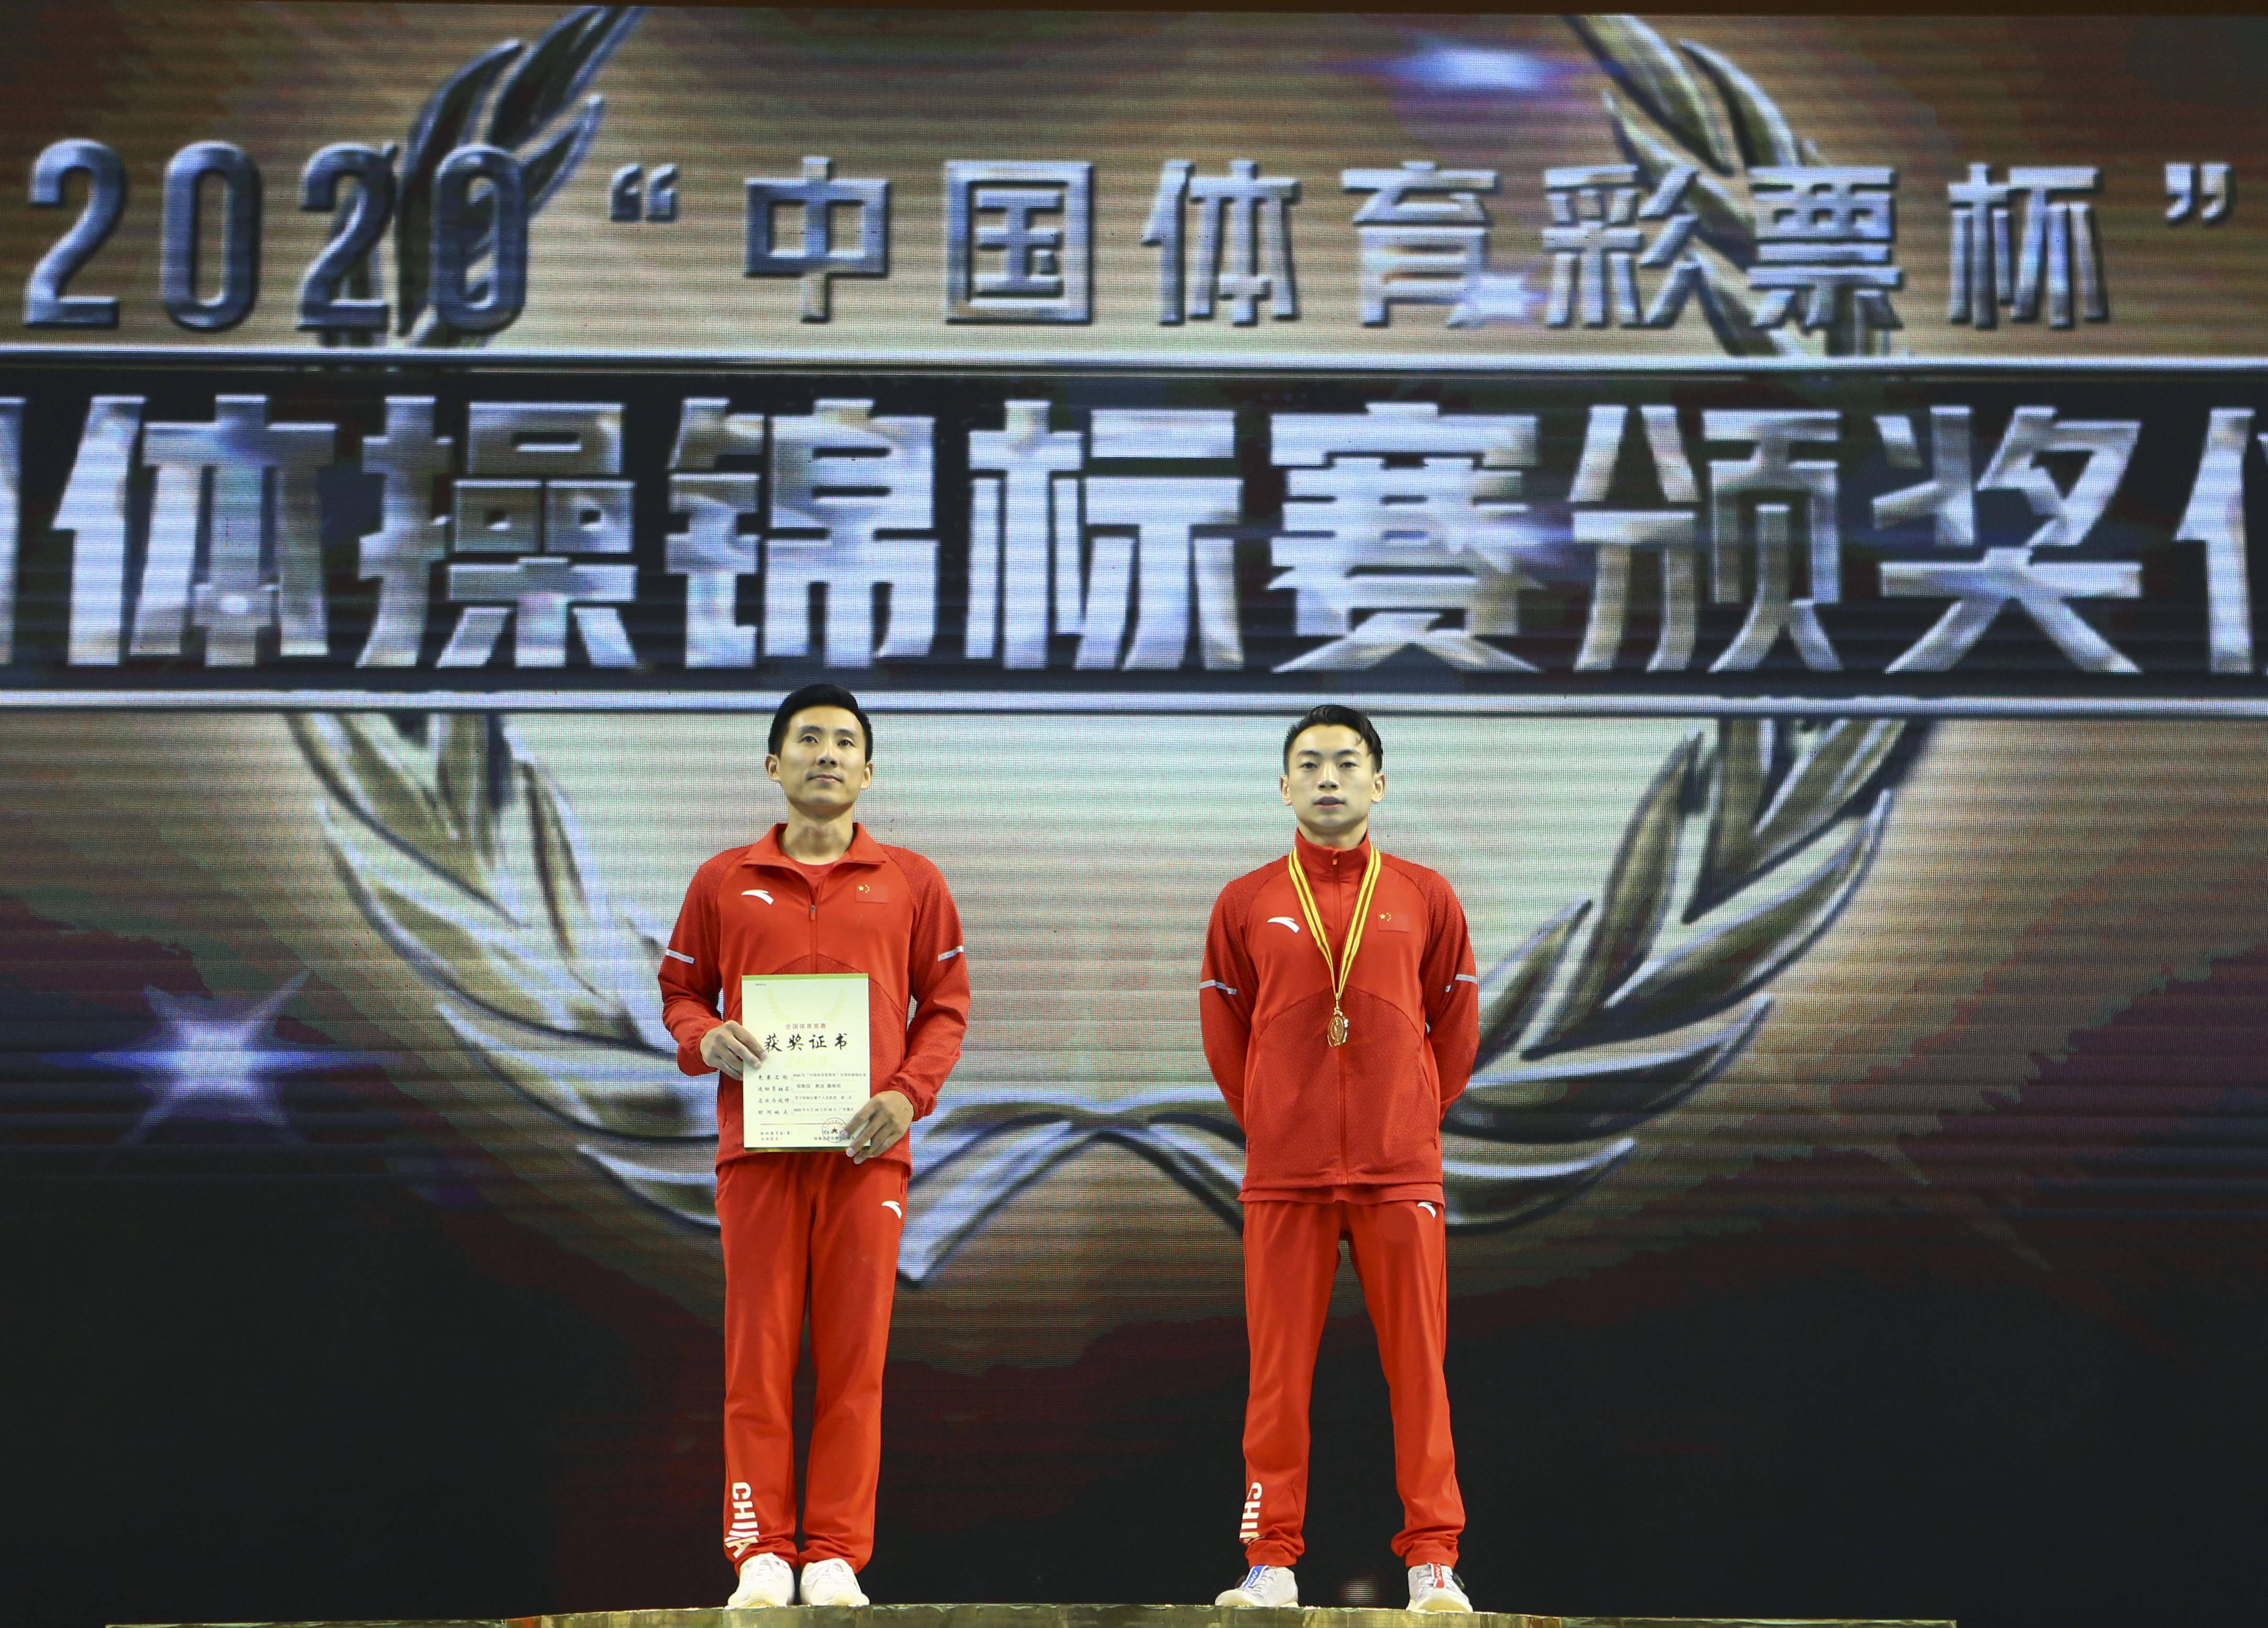 体操——全国锦标赛:男子体能比赛个人优胜奖颁奖仪式